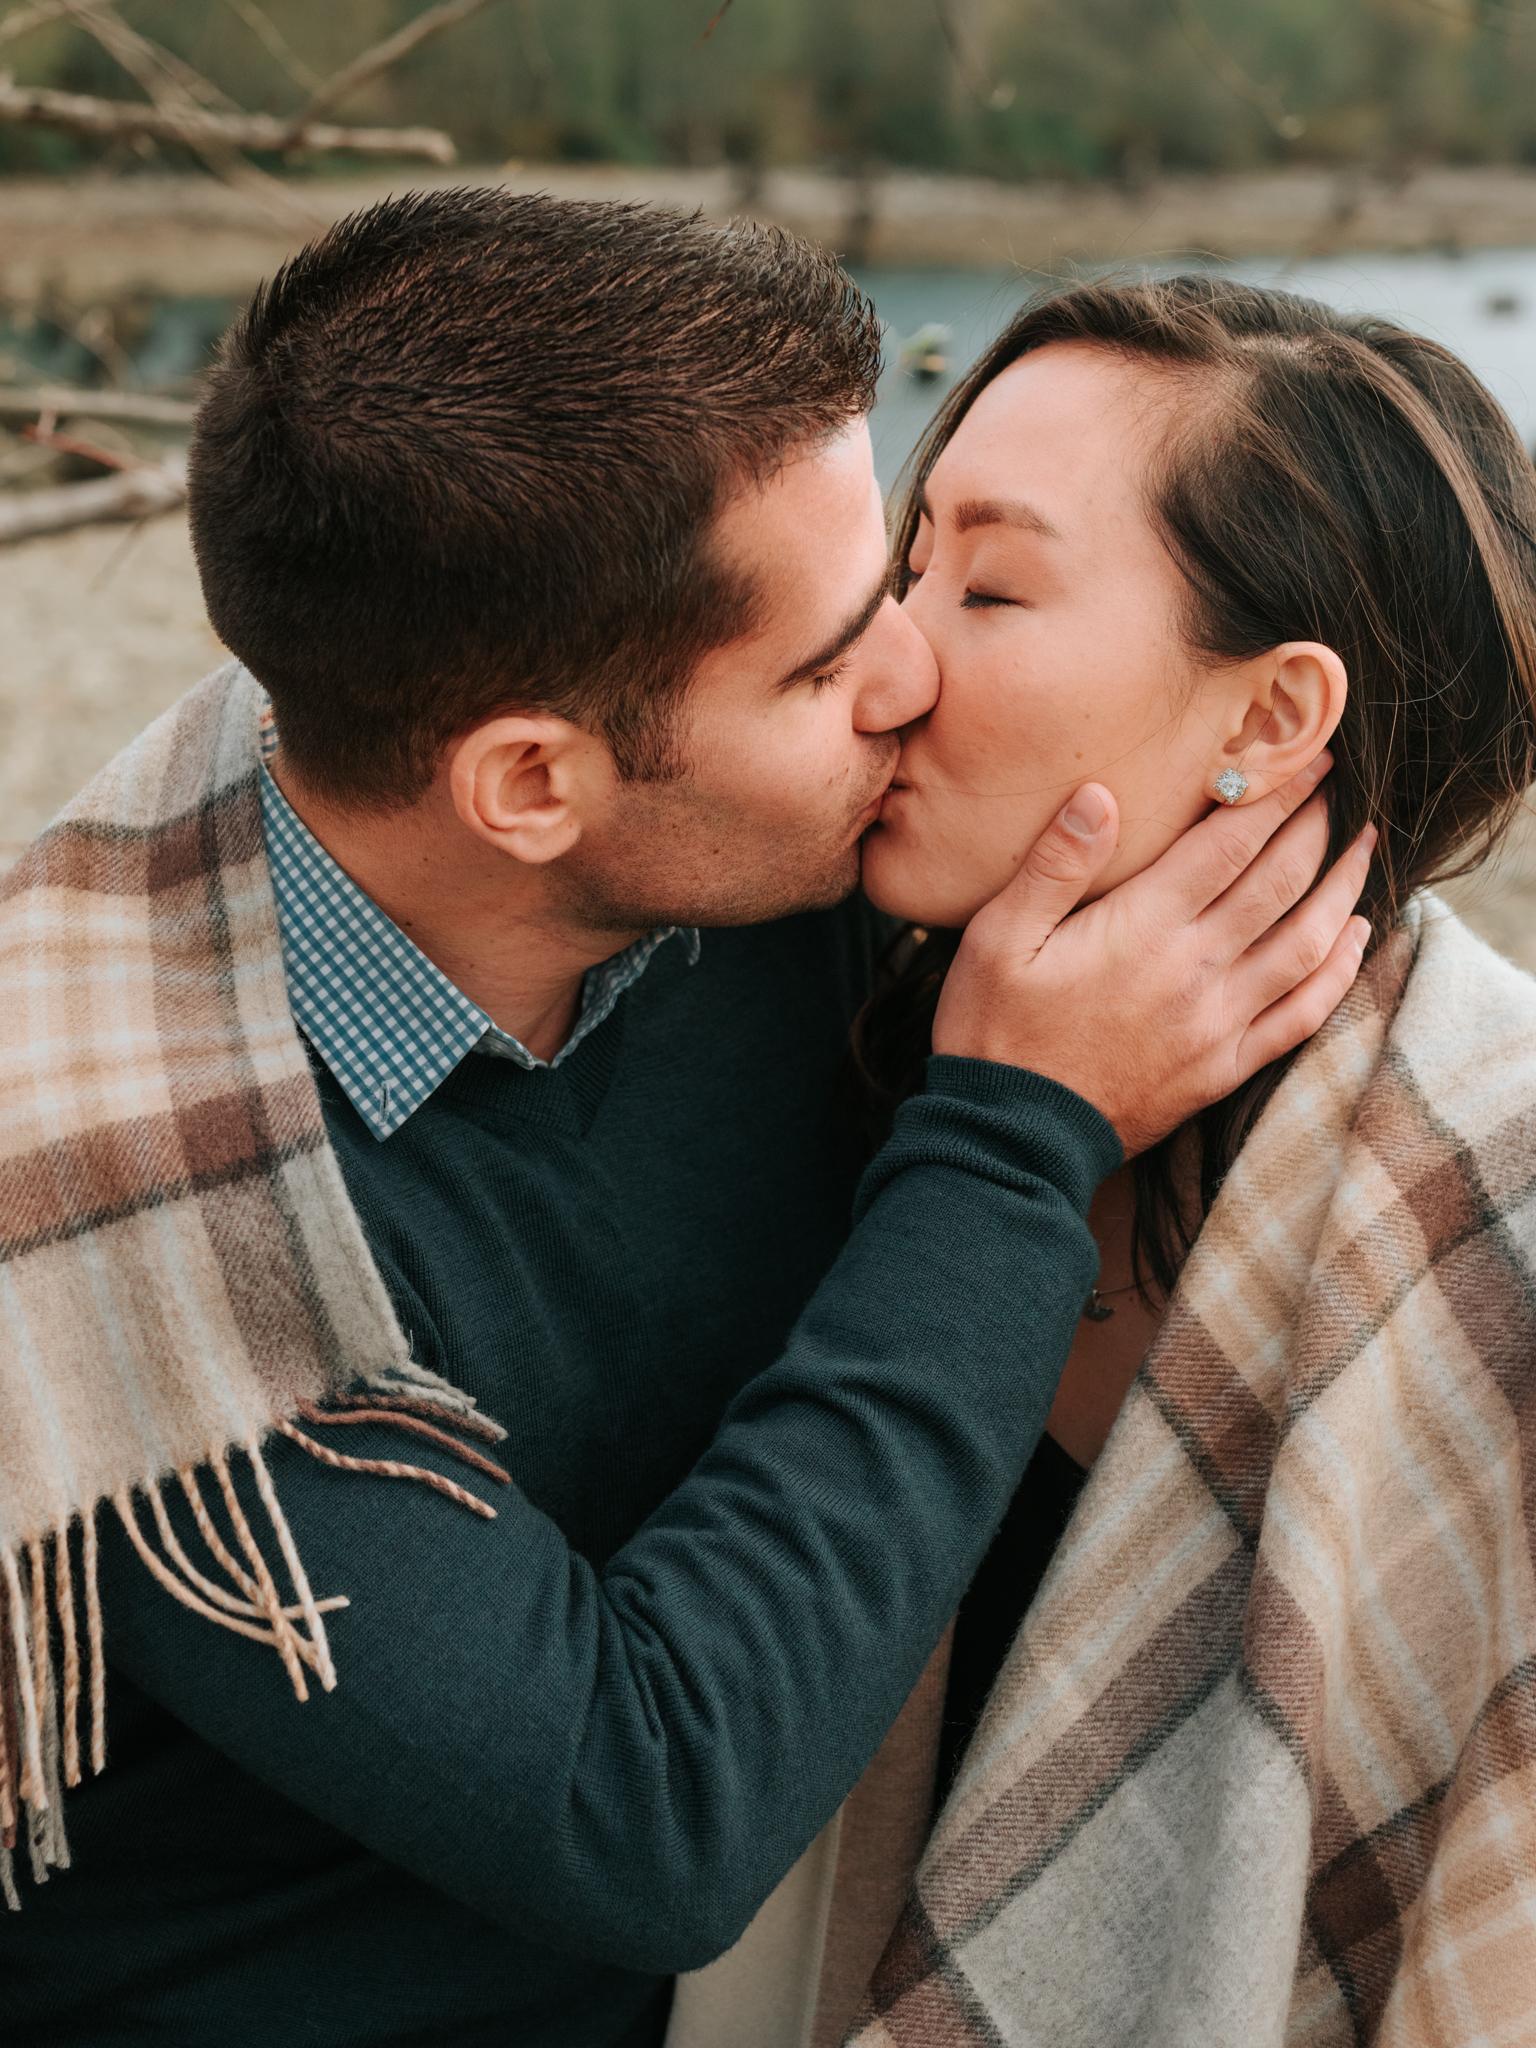 Seattle Engagement Photographer_Stolen Glimpses 31.jpg